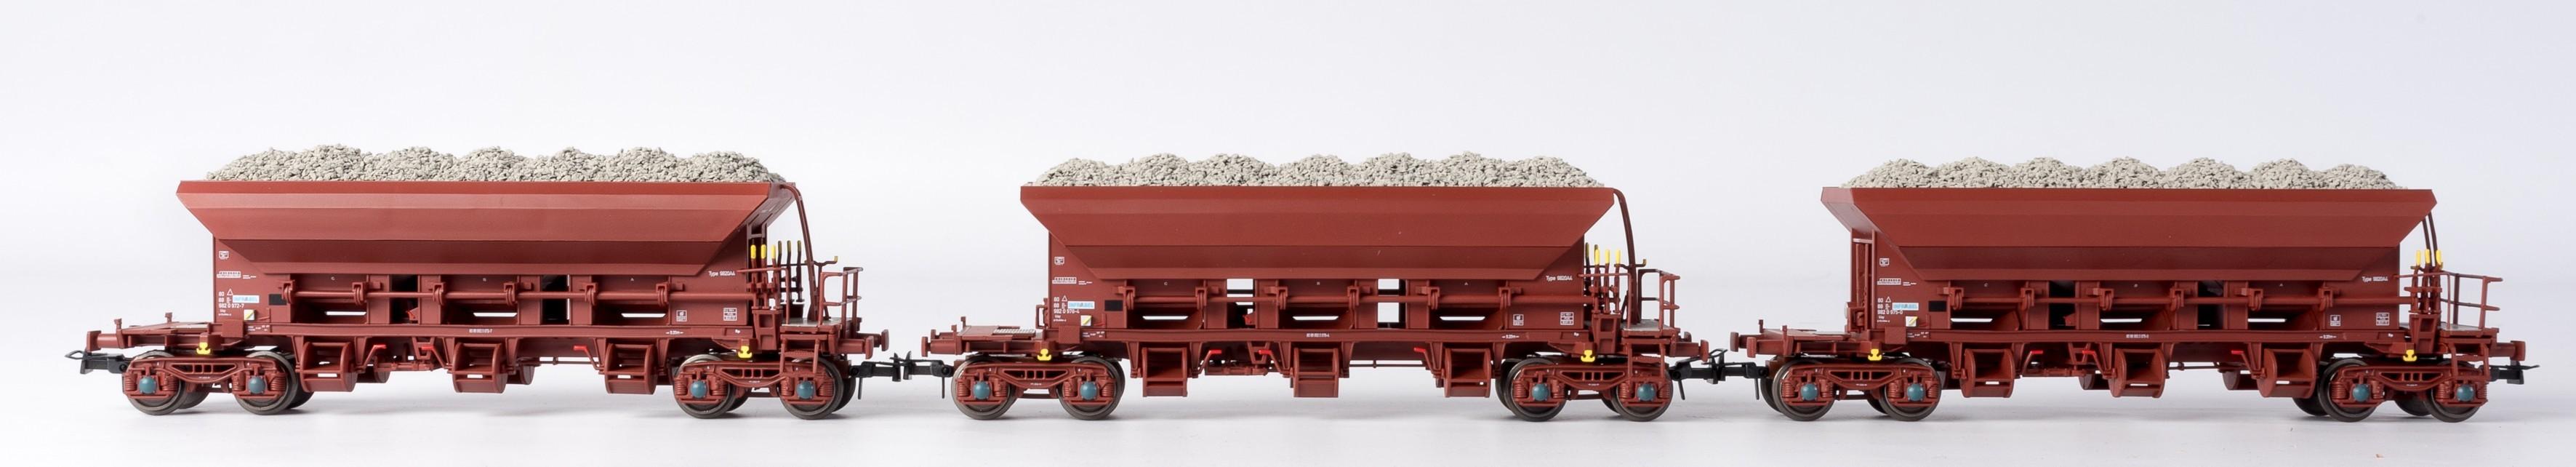 Ballast wagons - Tremie